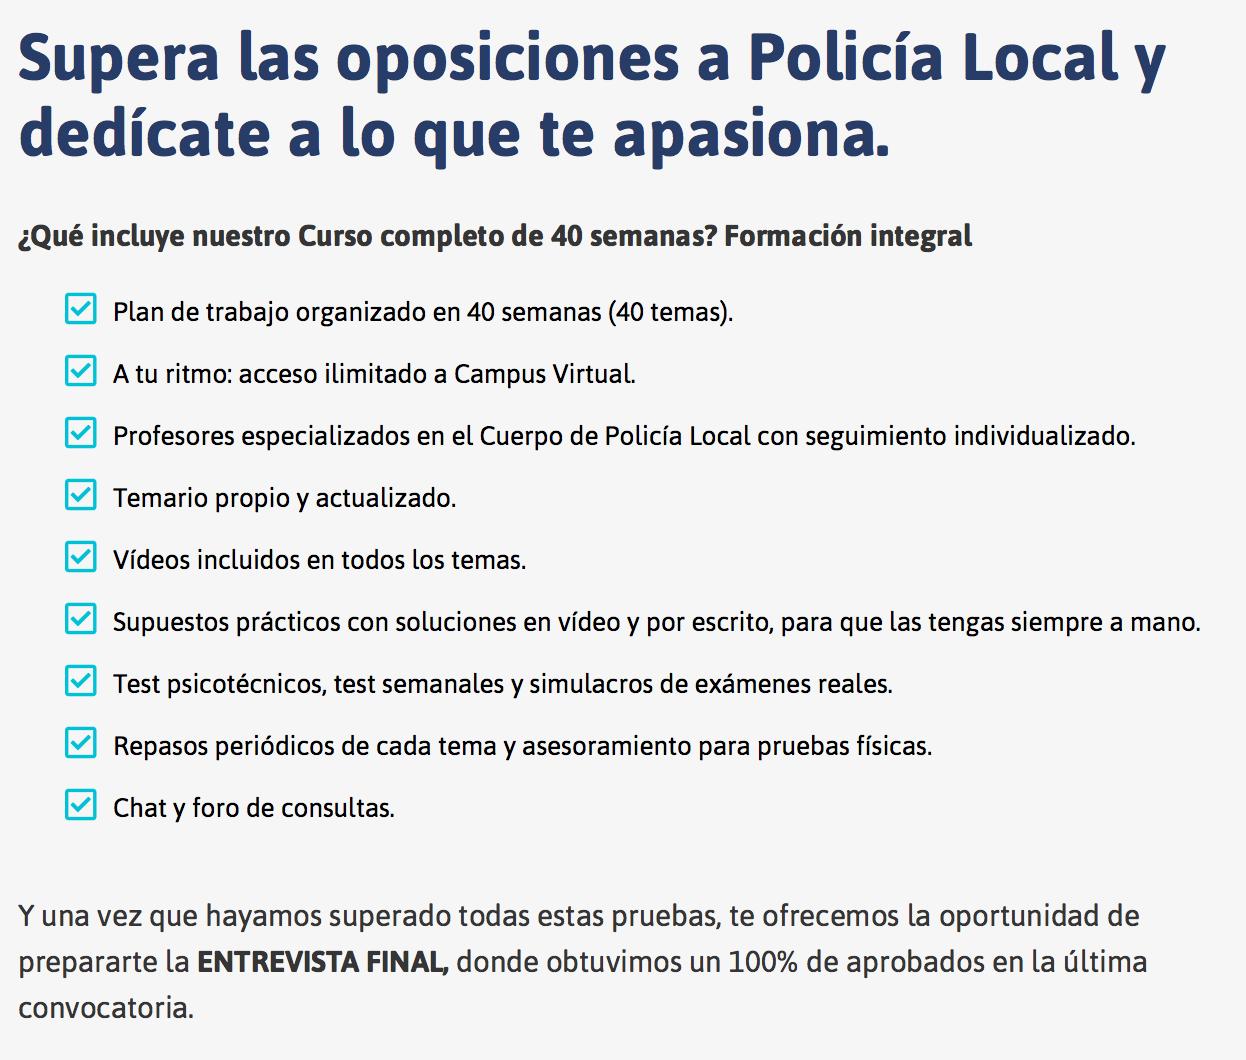 oposiciones policia local